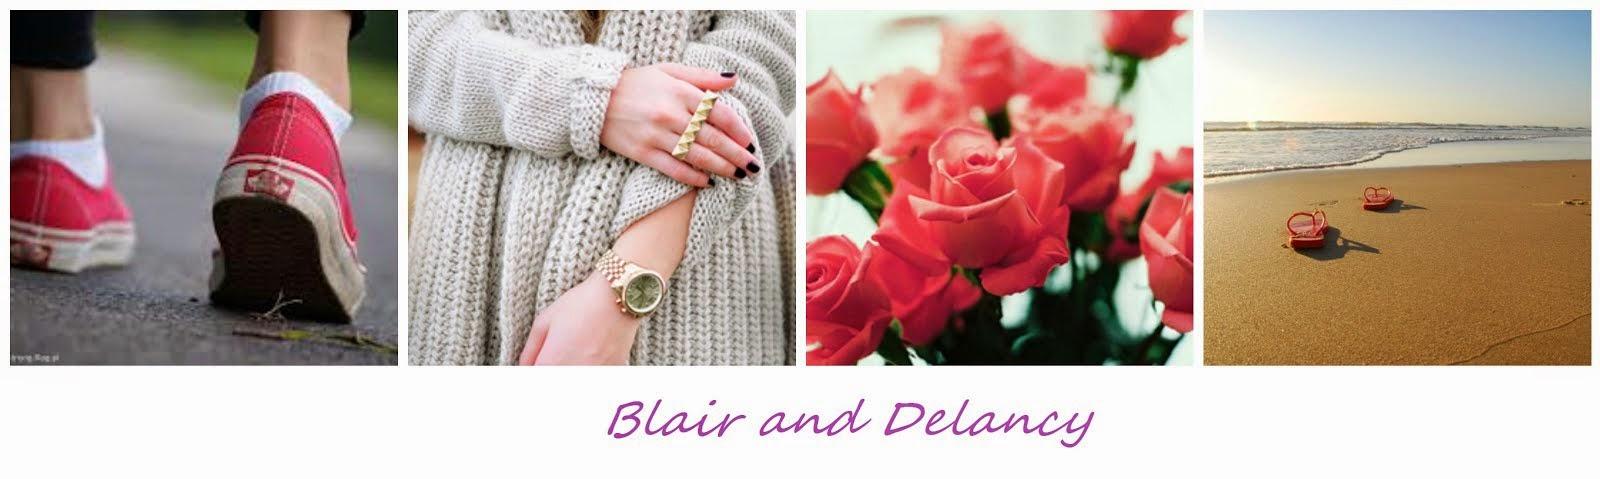 Blair&Delancy